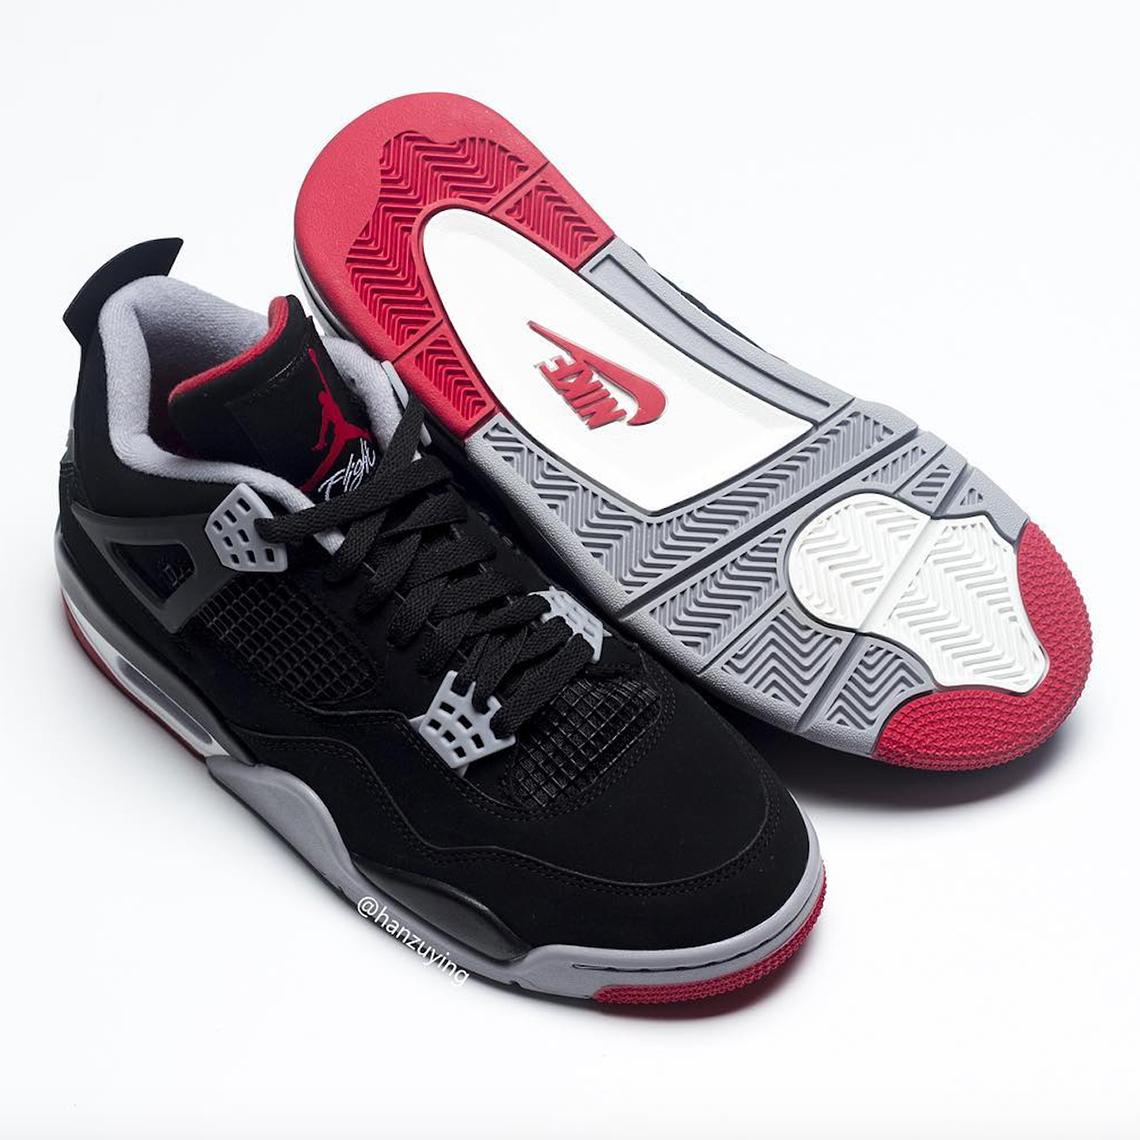 11192983266 Jordan 4 Bred 2019 308497-060 Release Date | SneakerNews.com